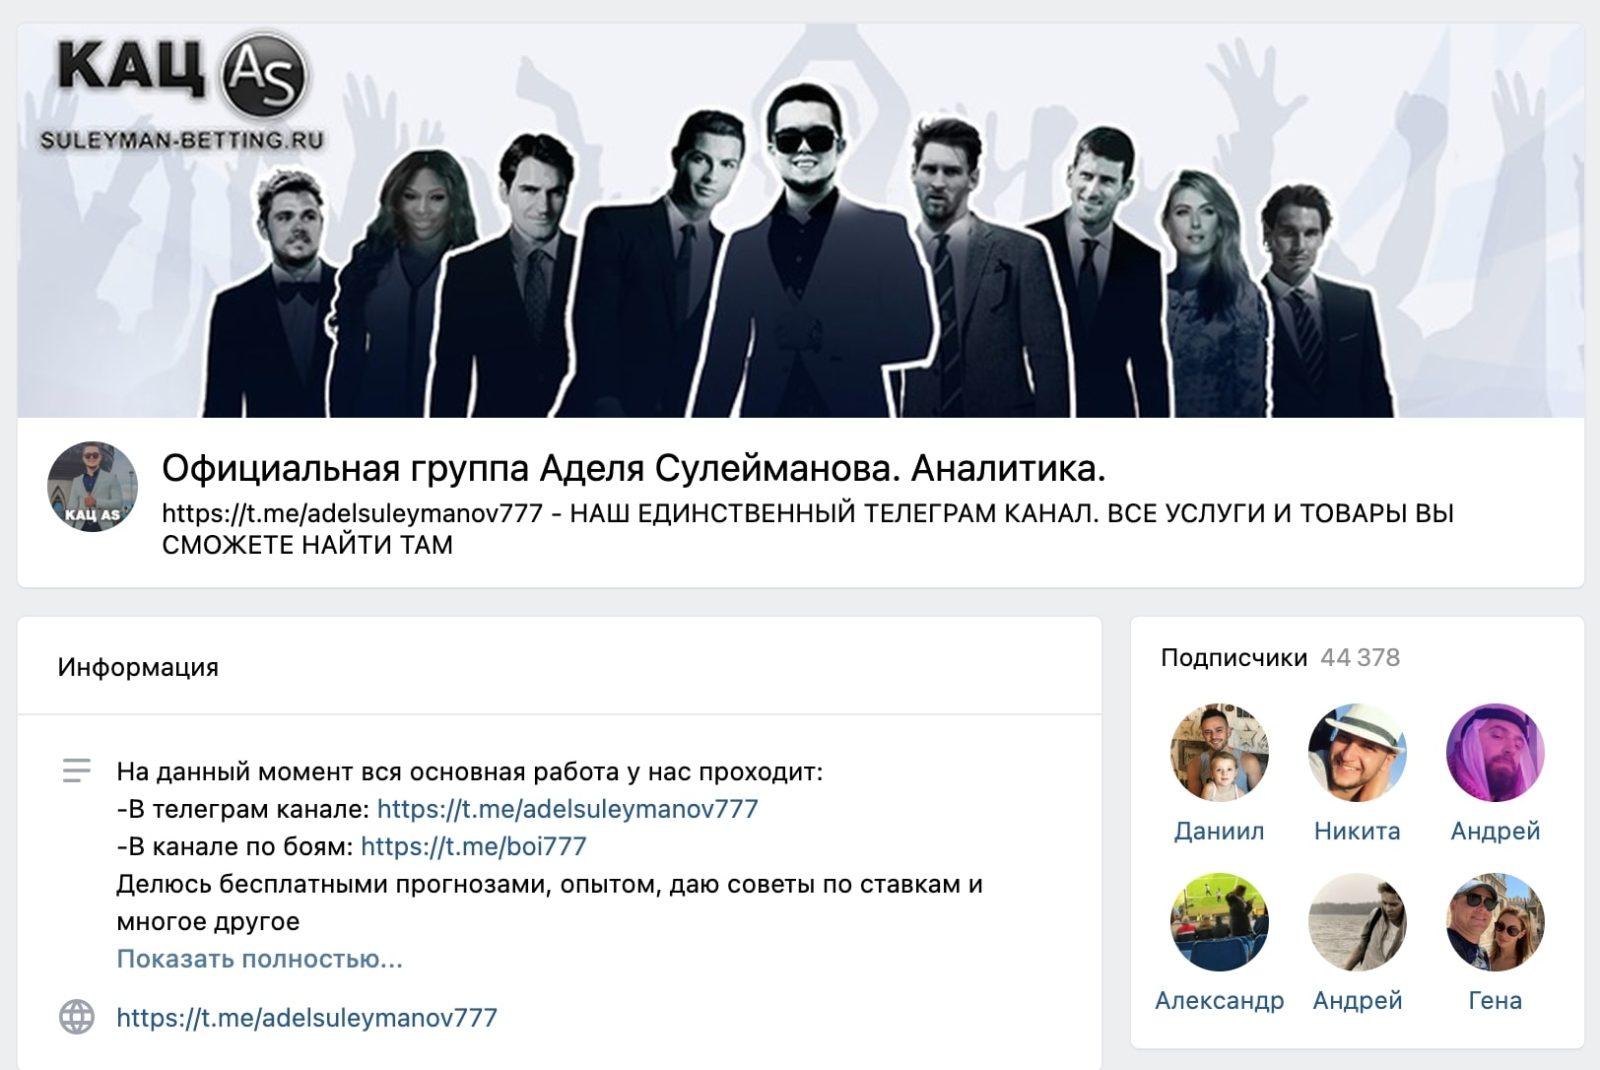 Группа ВК КАЦ Адель Сулейманов (Suleyman Betting ru)